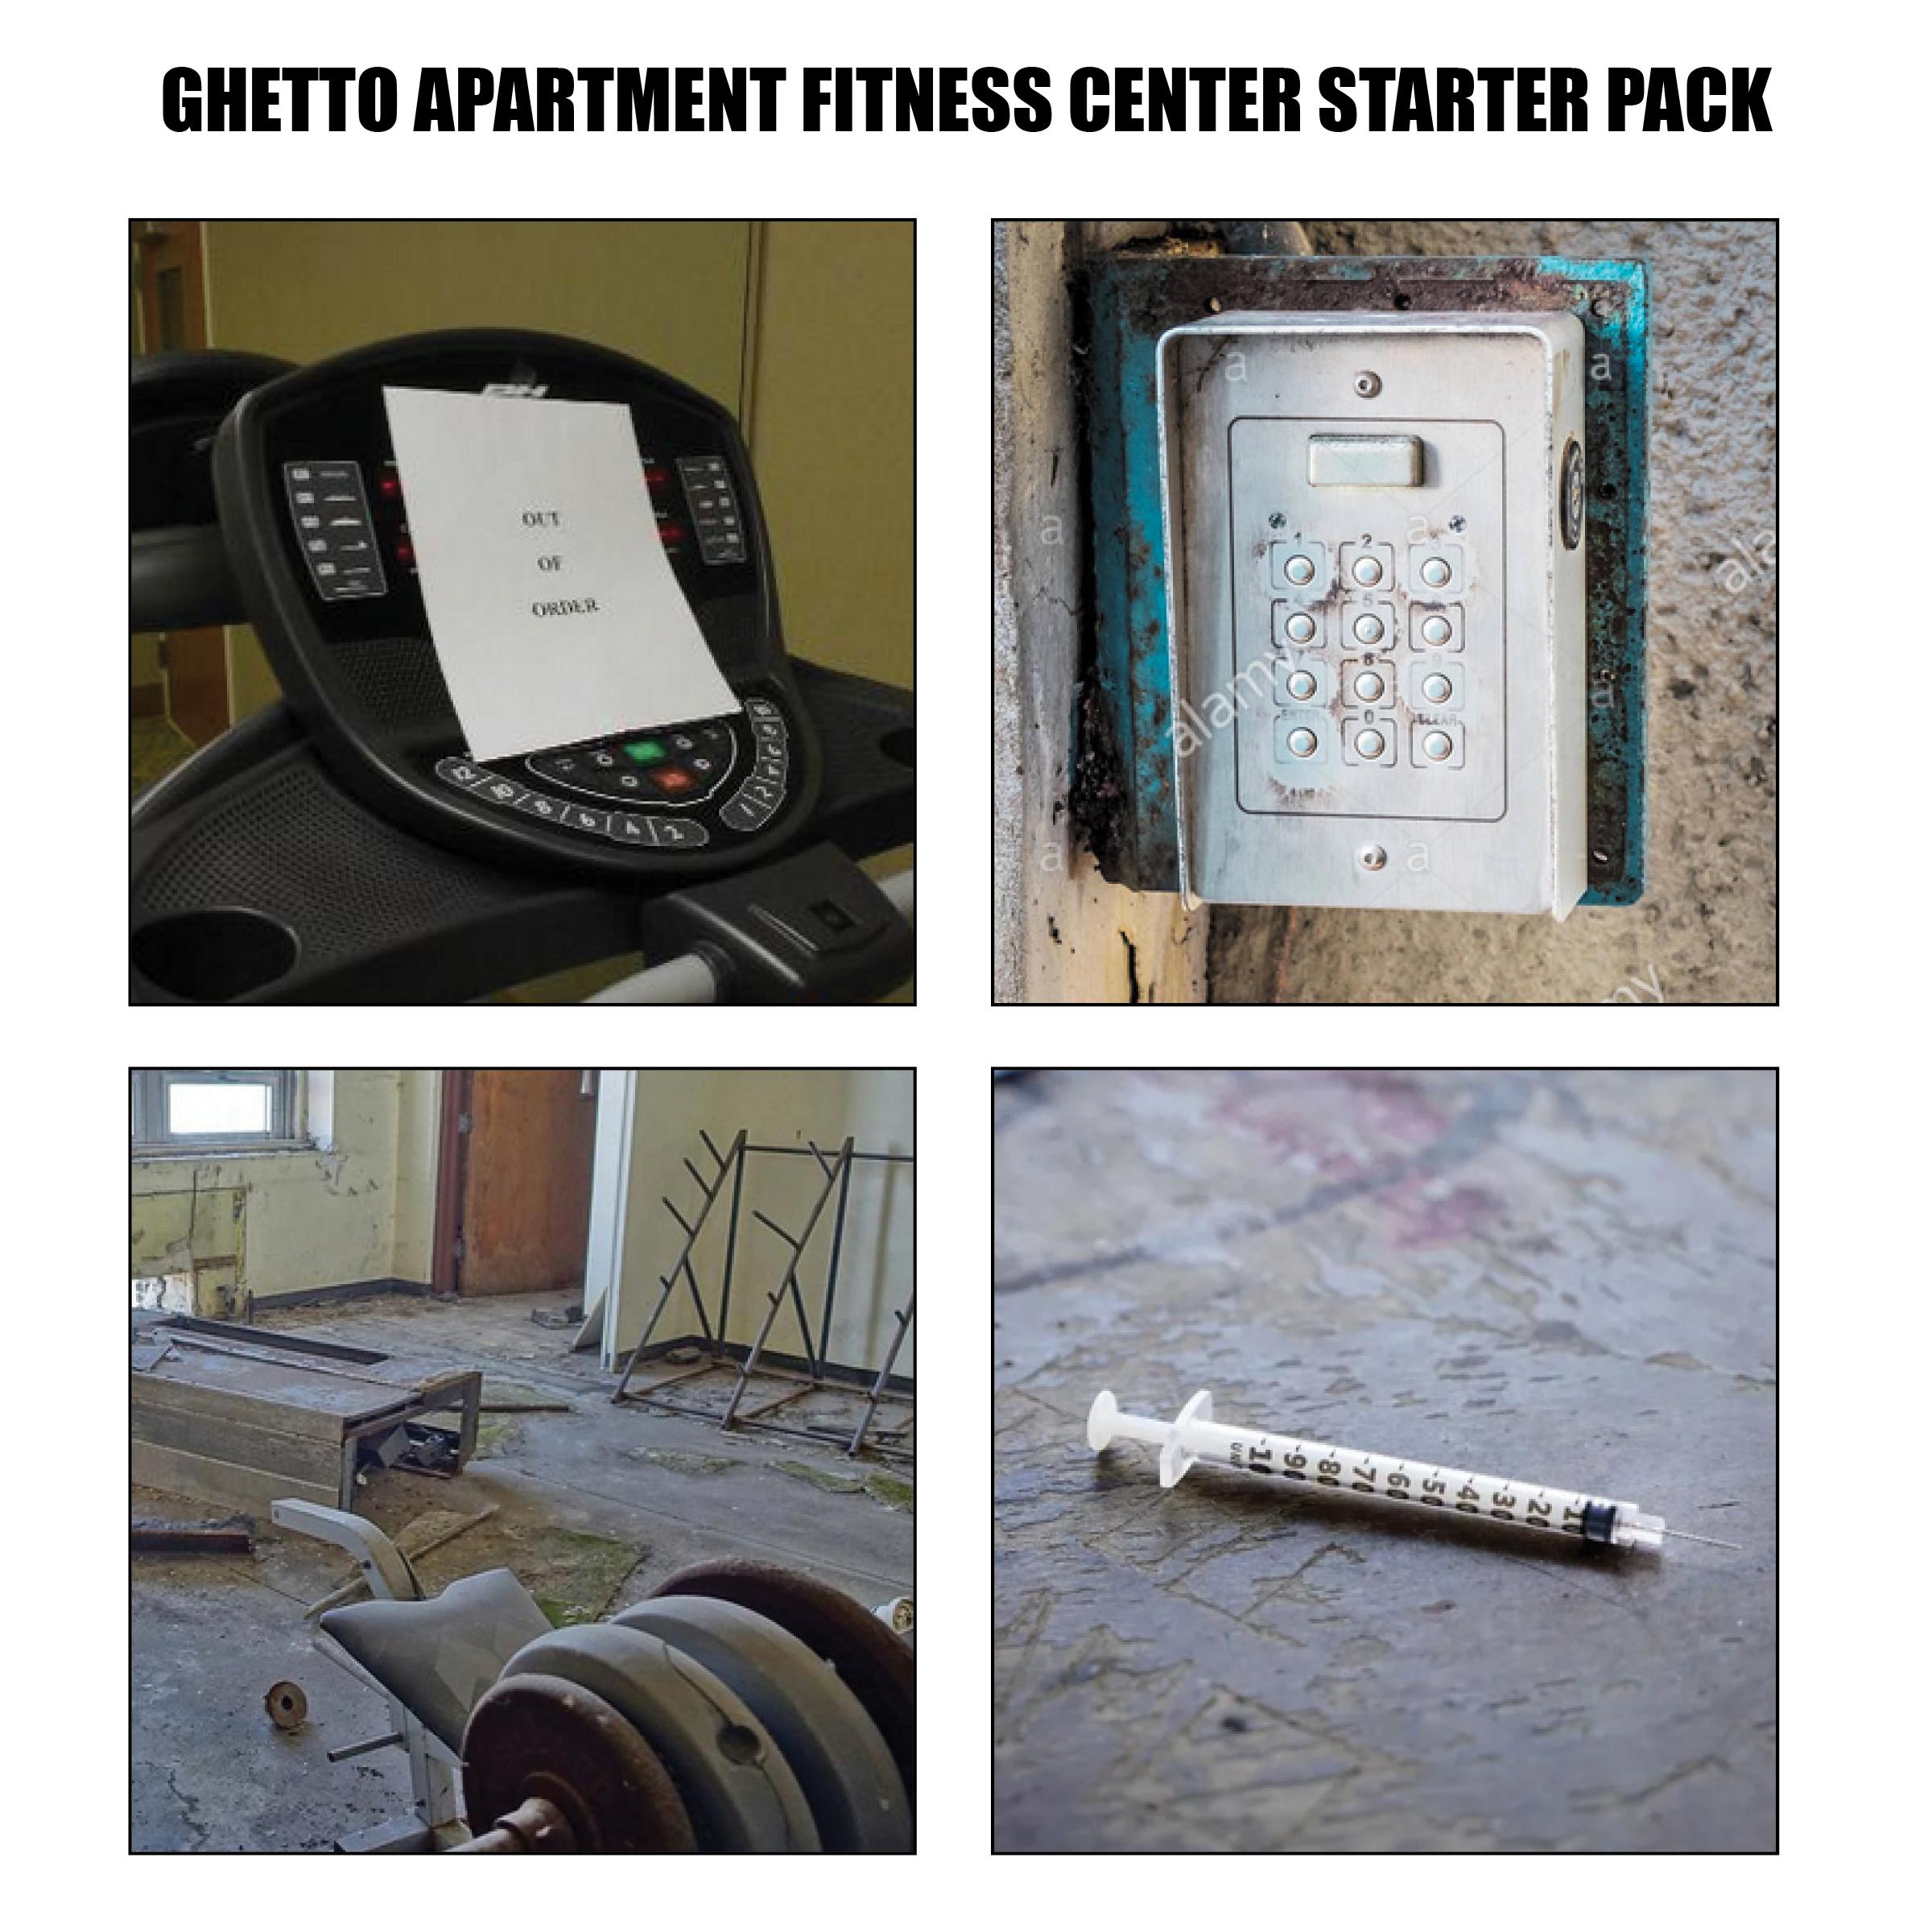 Ghetto Apartment Fitness Center Starter